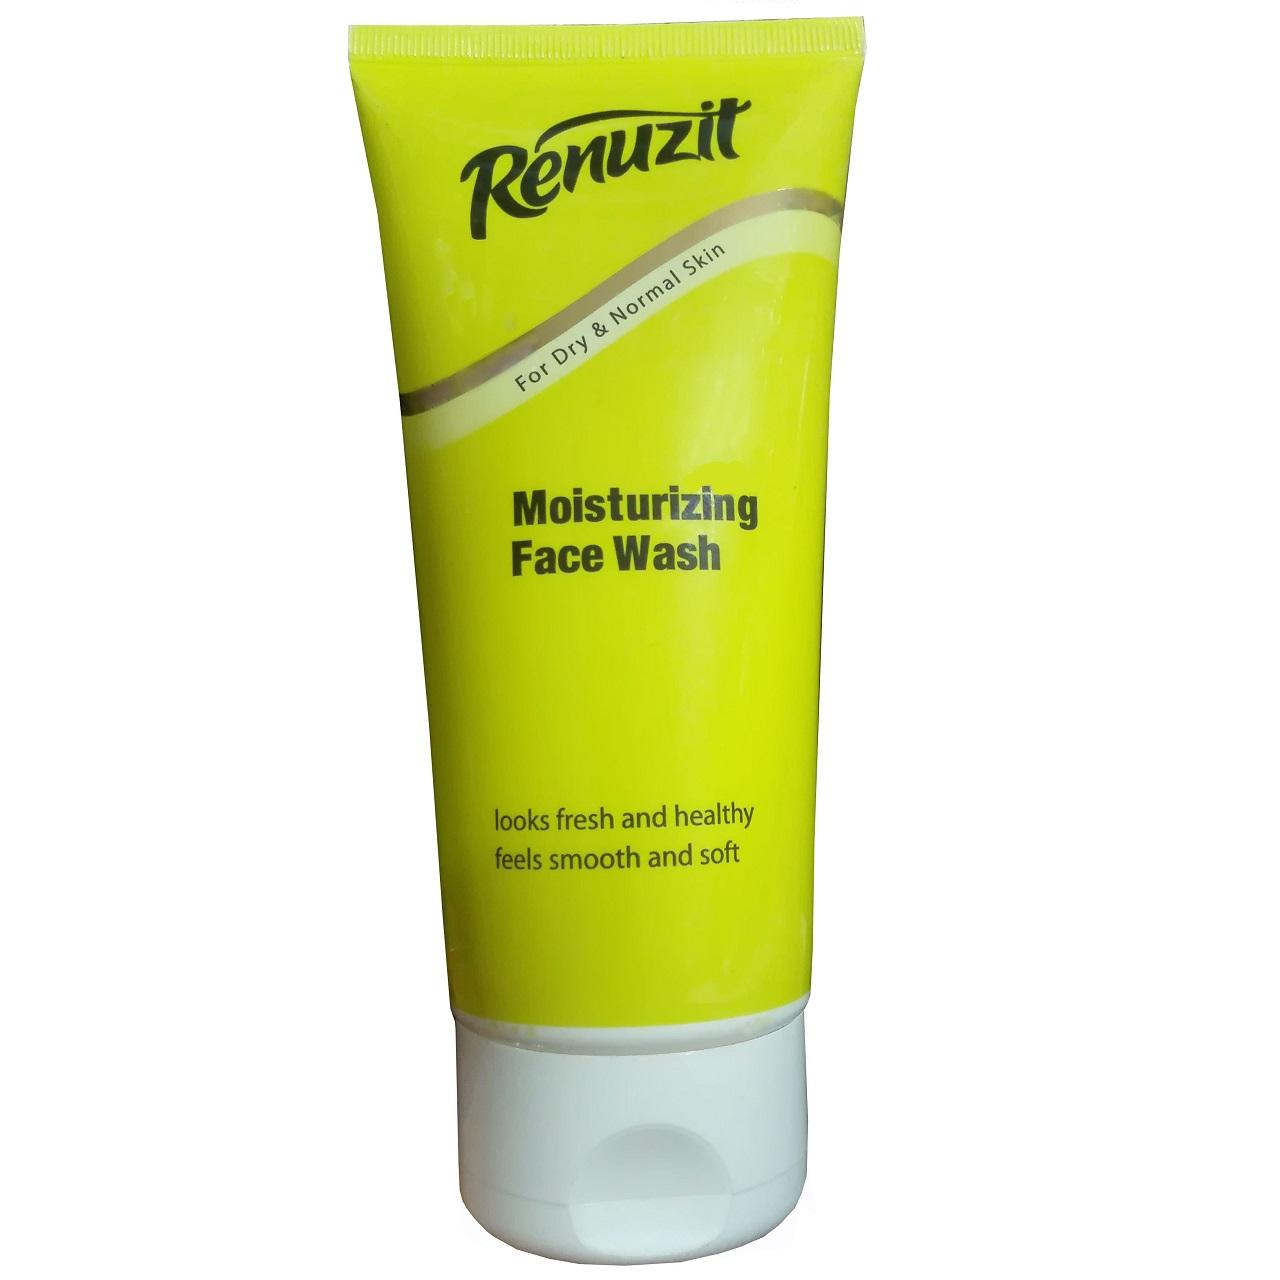 ژل پاک کننده آرایش صورت رینوزیت مدل Dry and Normal حجم 200 میلی لیتر / زرد